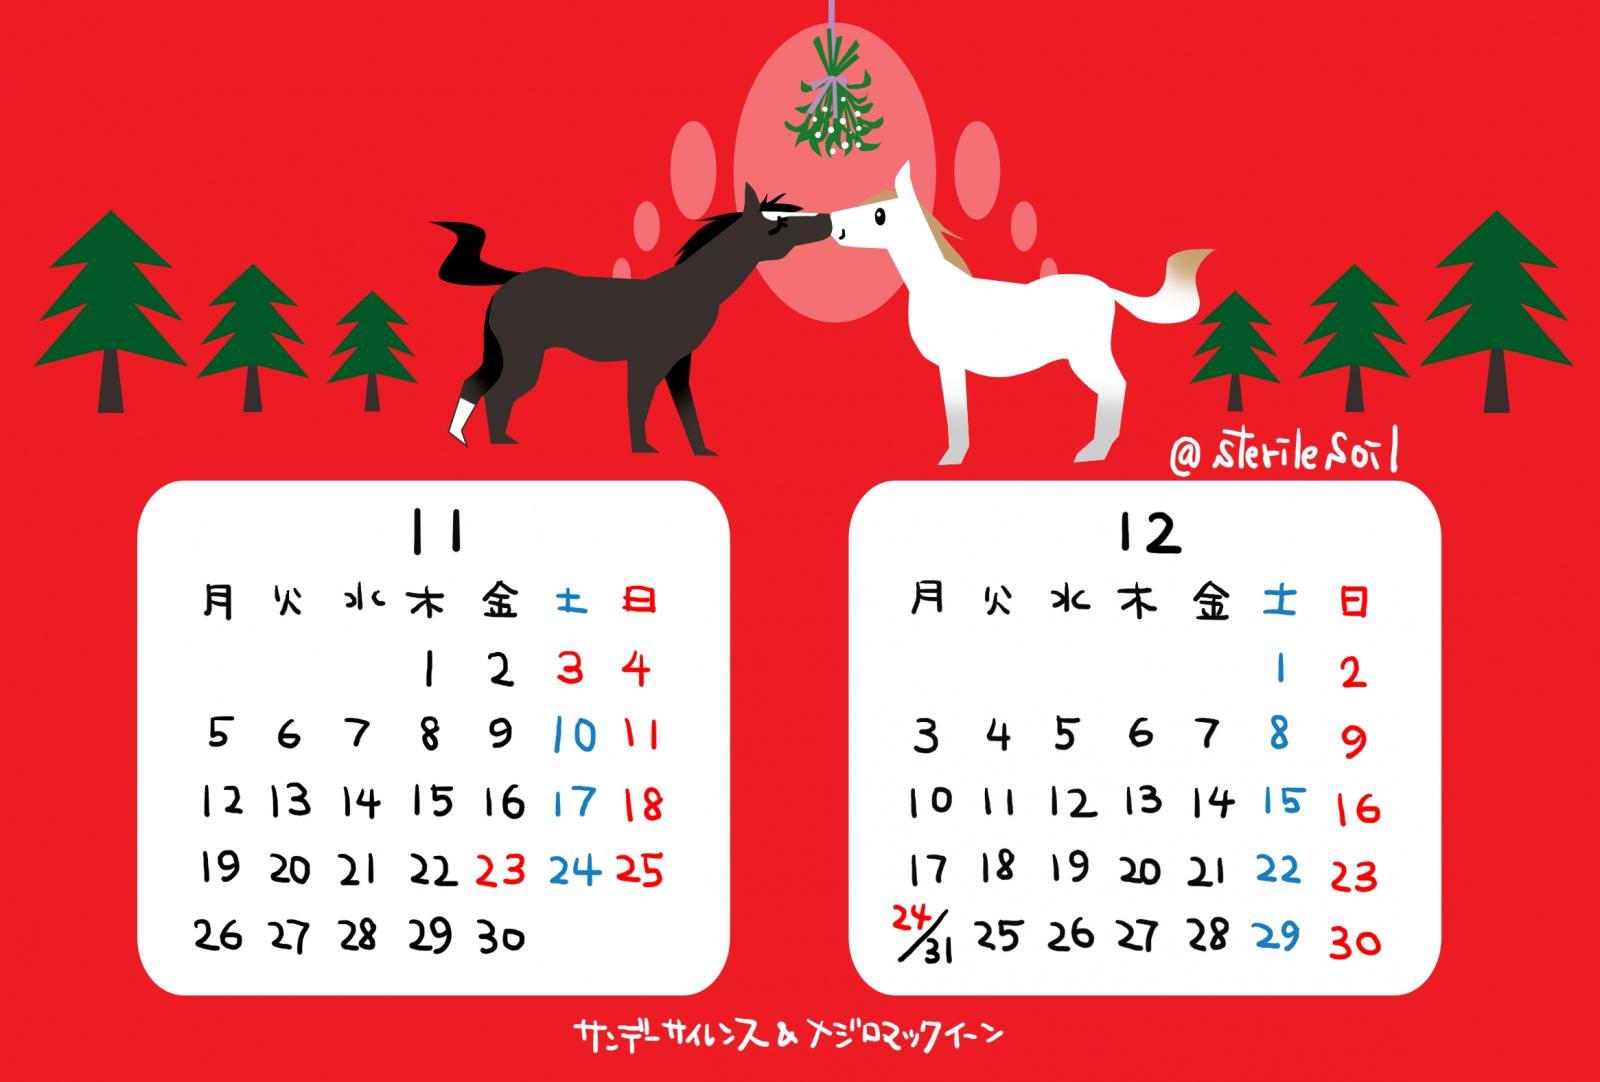 2018年カレンダー 11月12月 競馬イラスト倉庫